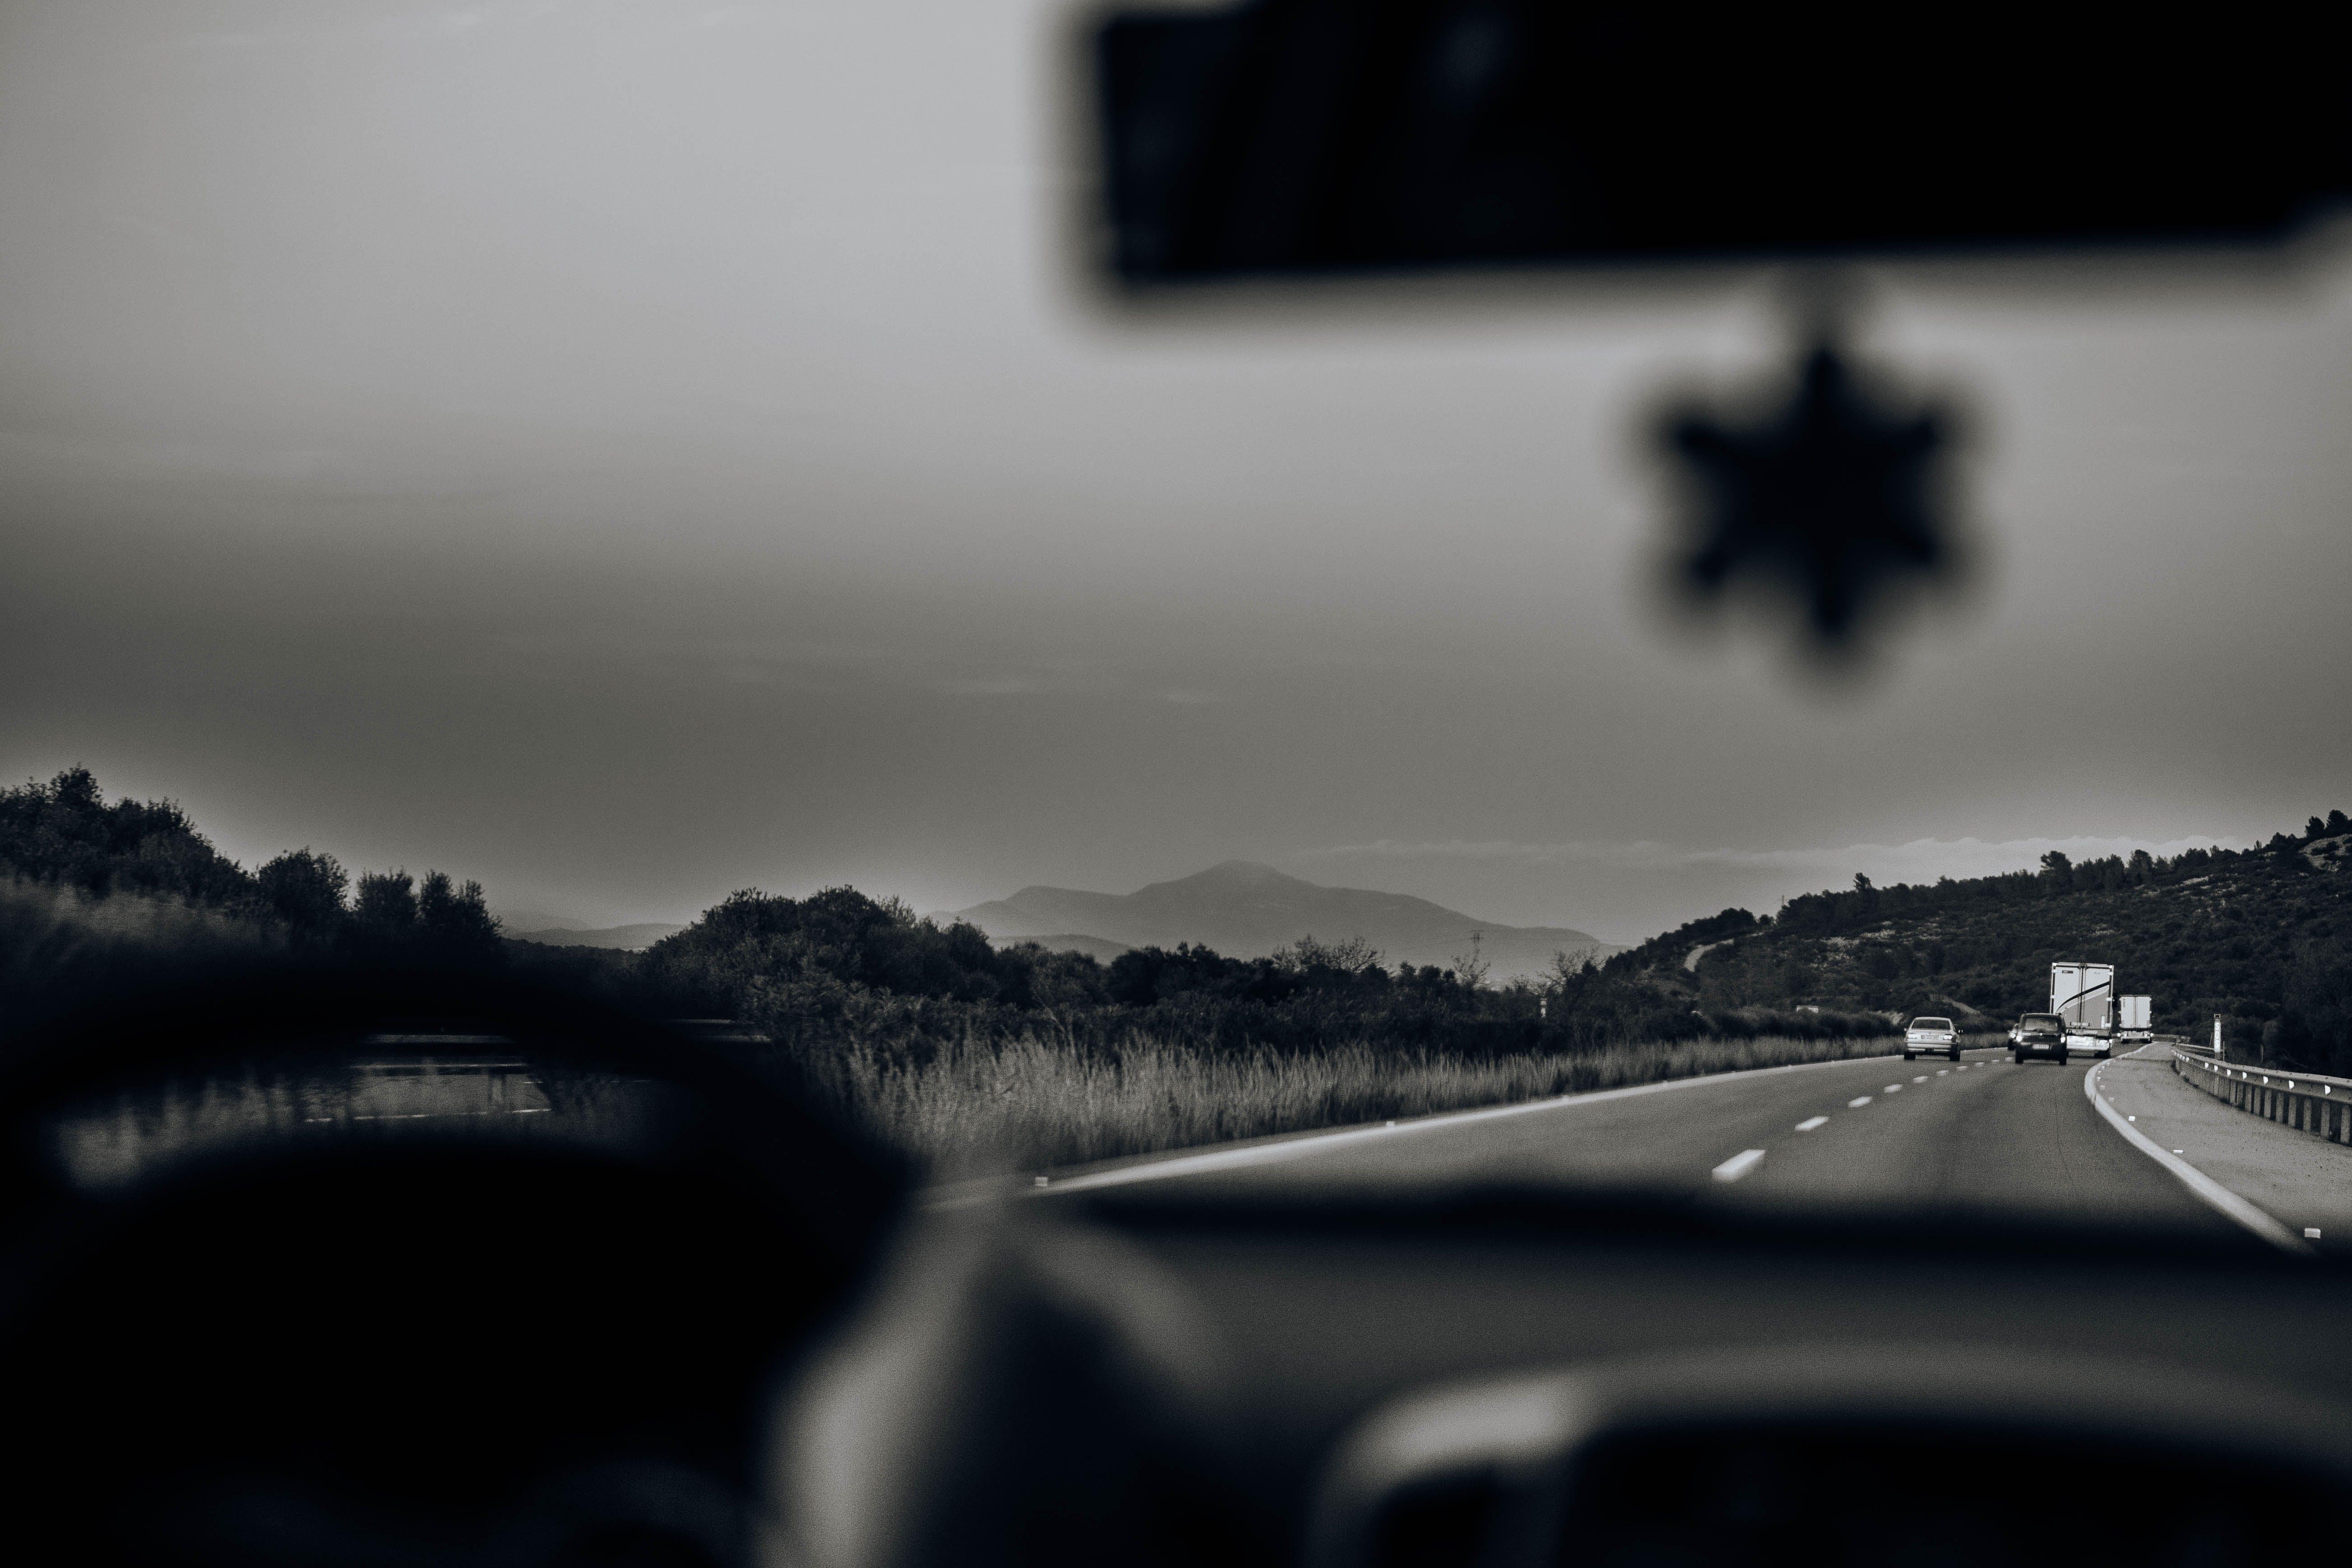 ドライバー, 運転する, 高速道路, 黒の無料の写真素材